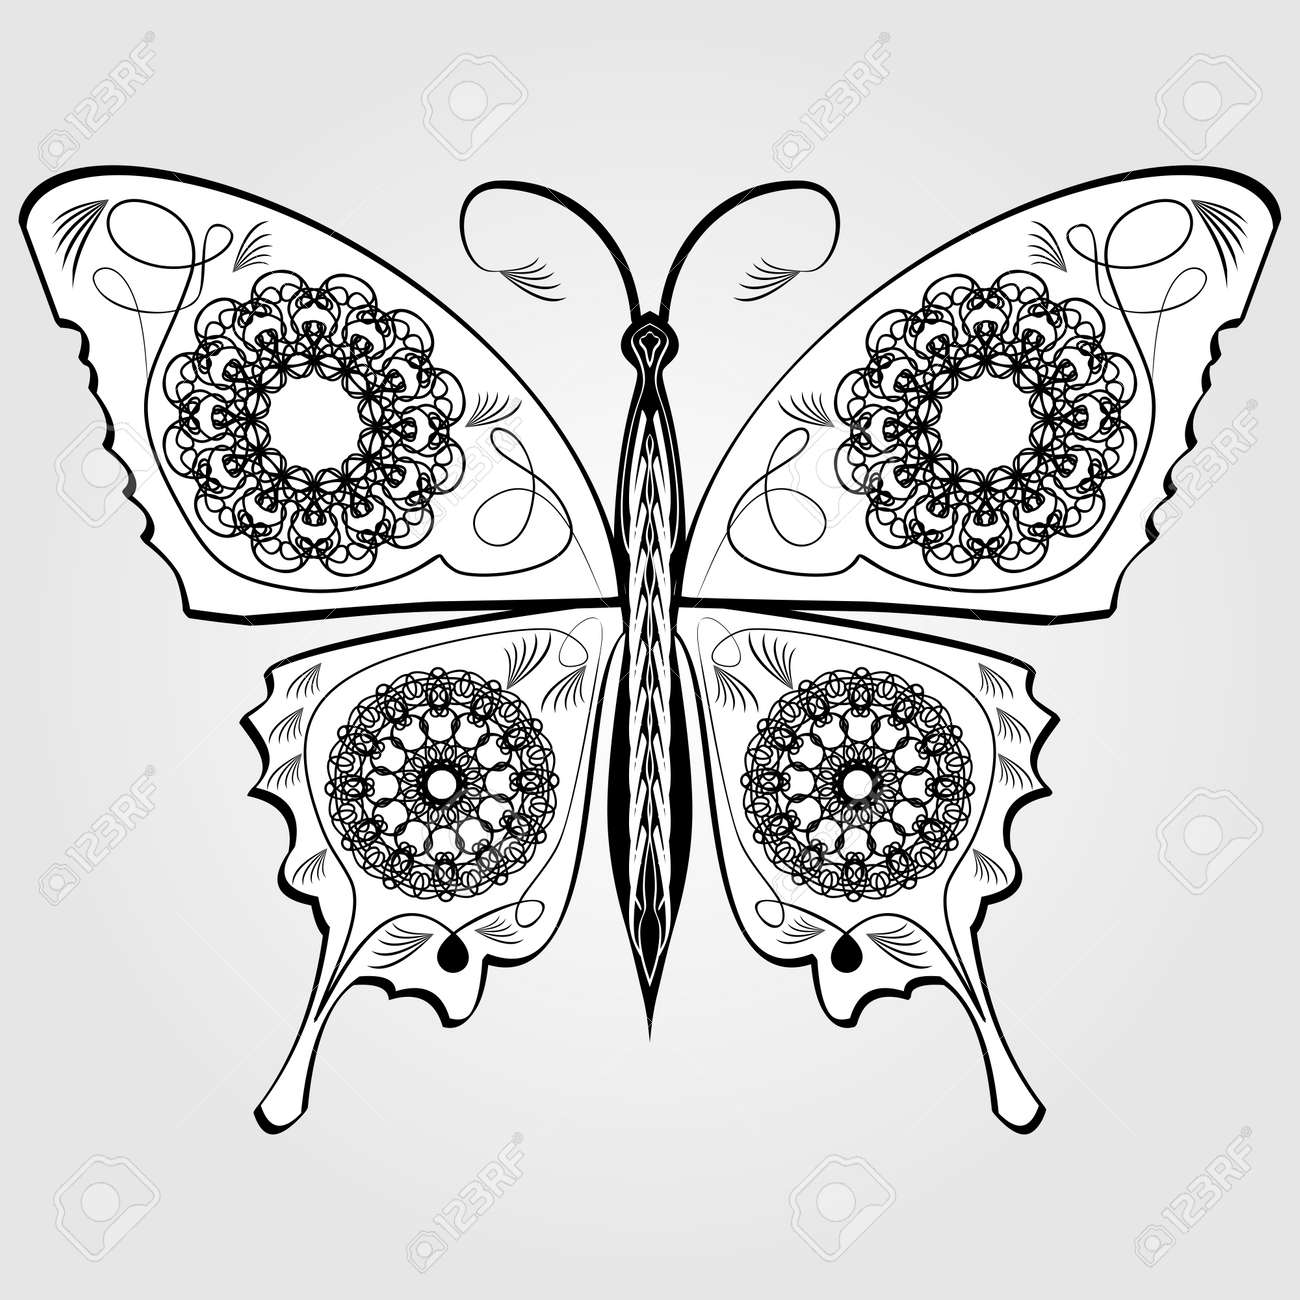 Mariposa Con Patrón De Calados En Las Alas, Monocromático Blanco Y ...